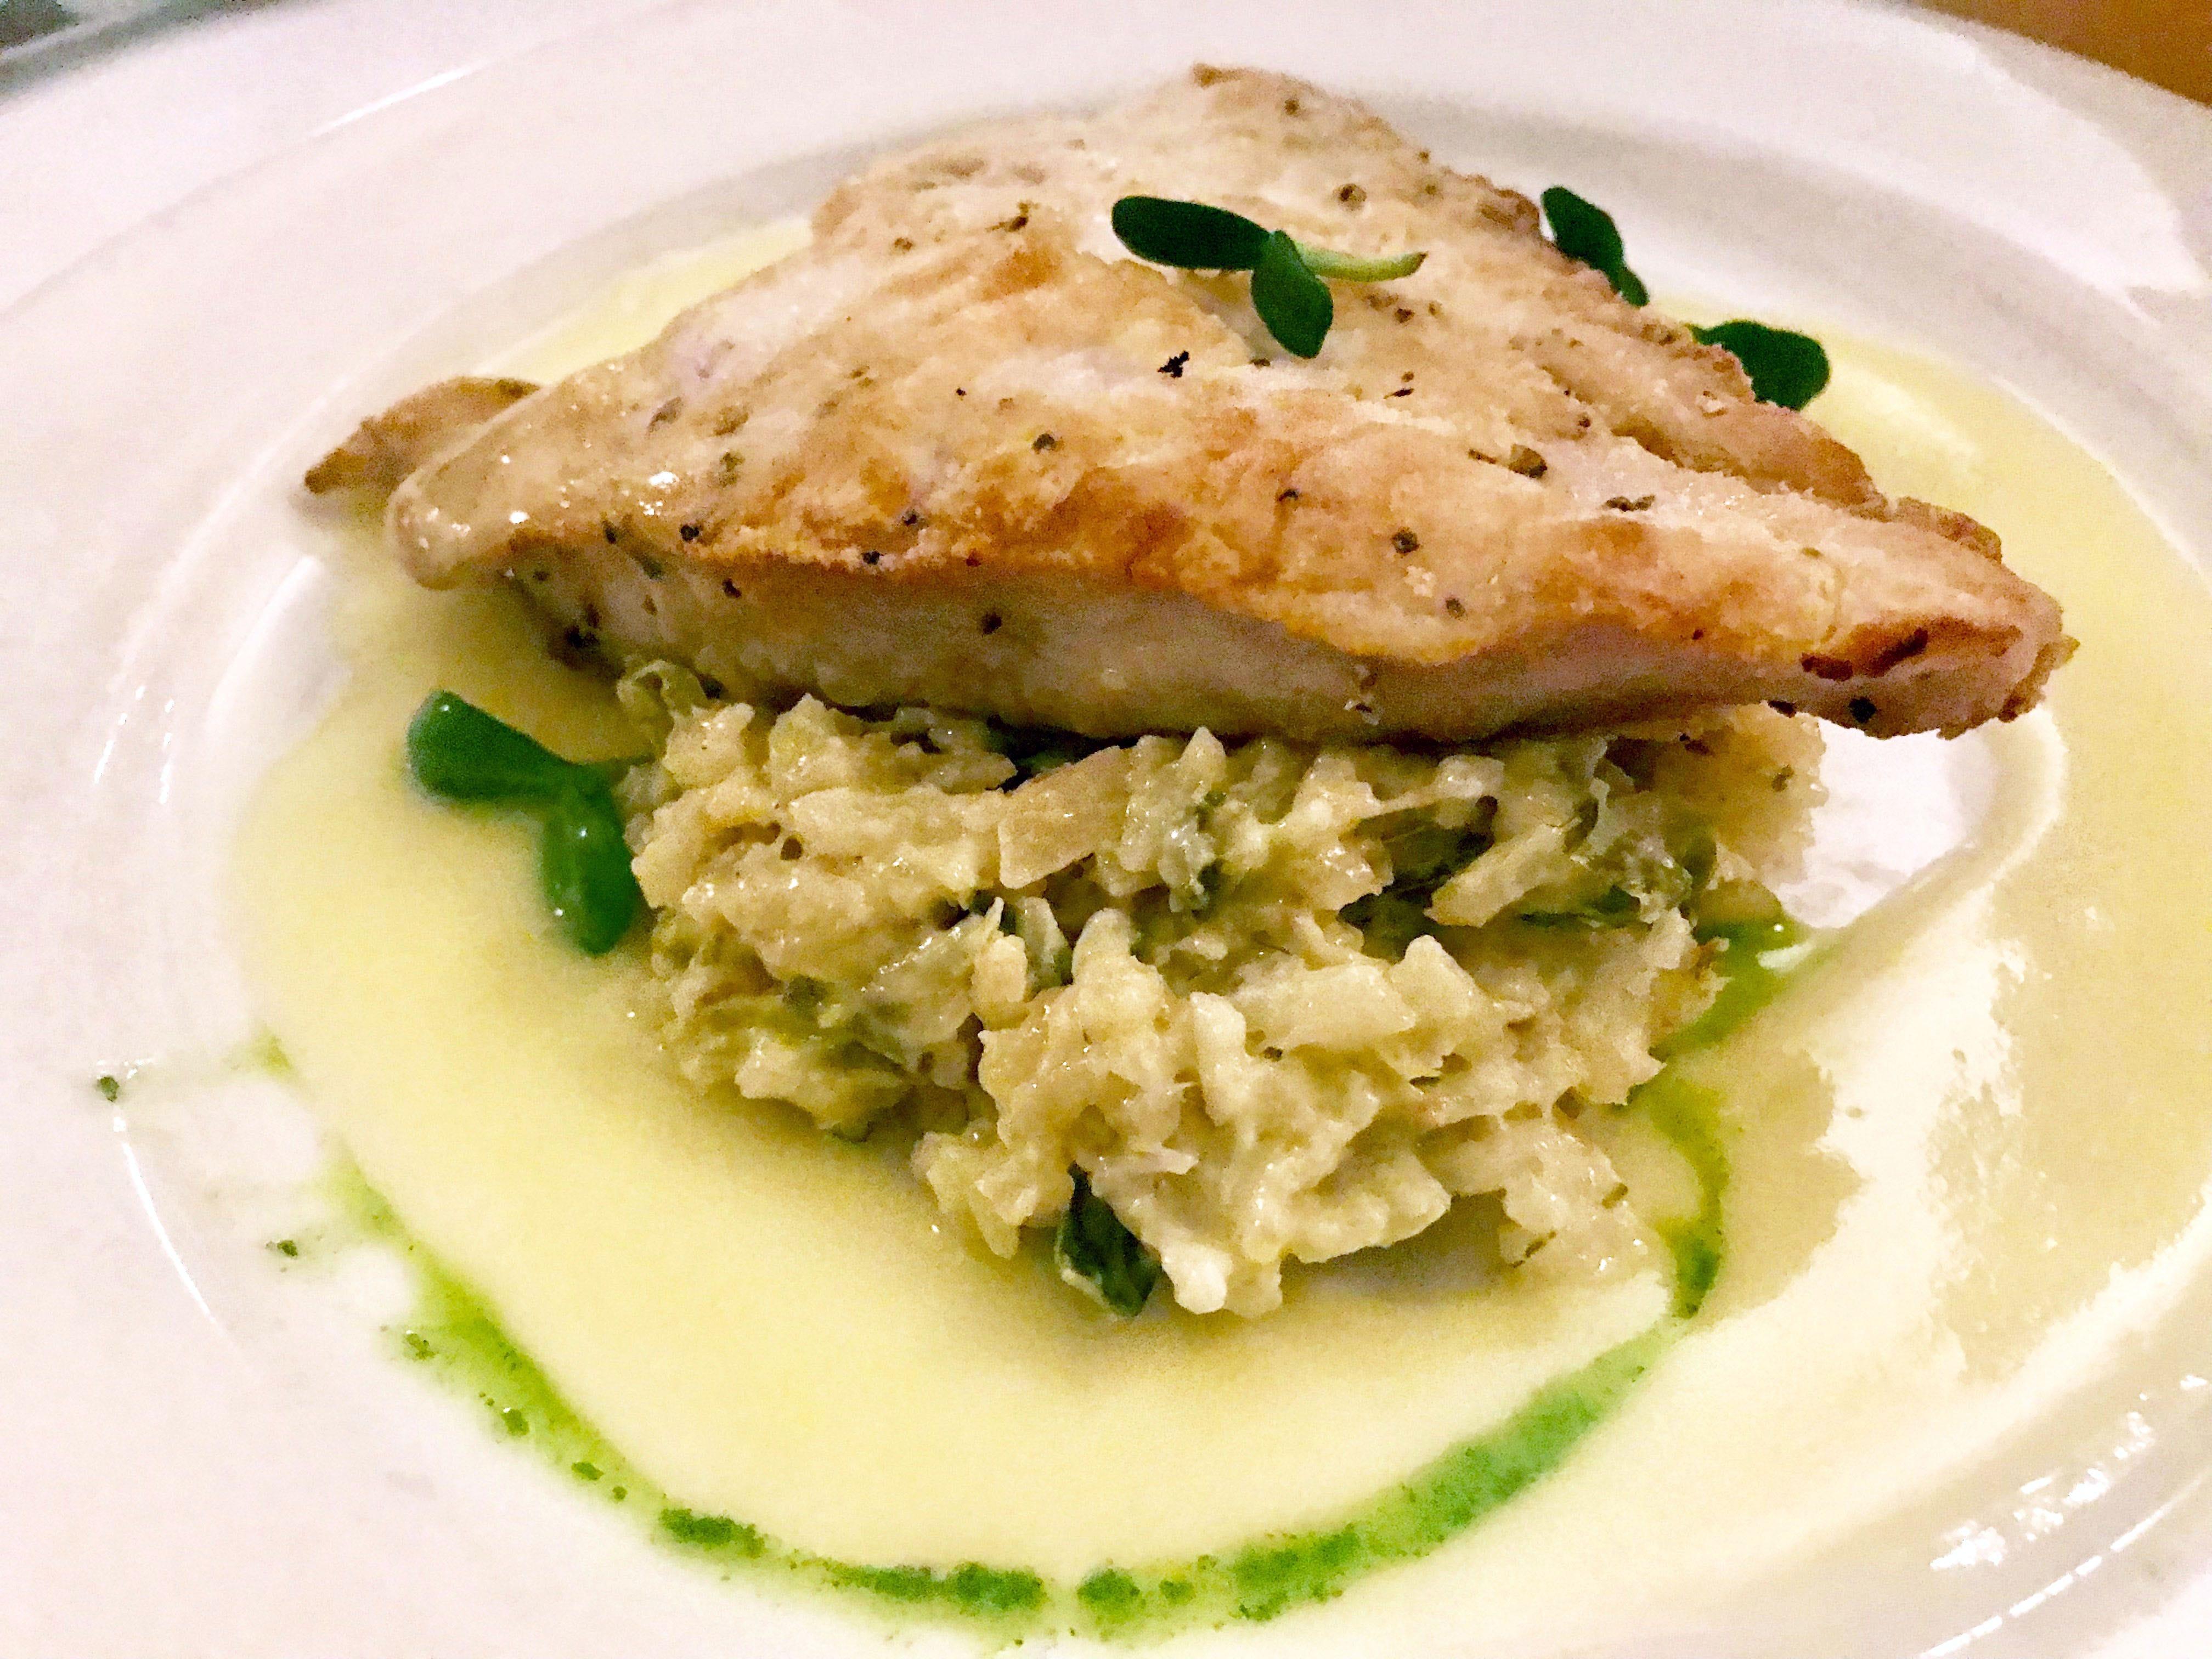 Monchong, a Hawaiian fish, with leek risotto was a Friday special at Sebastian's in Caledonia.